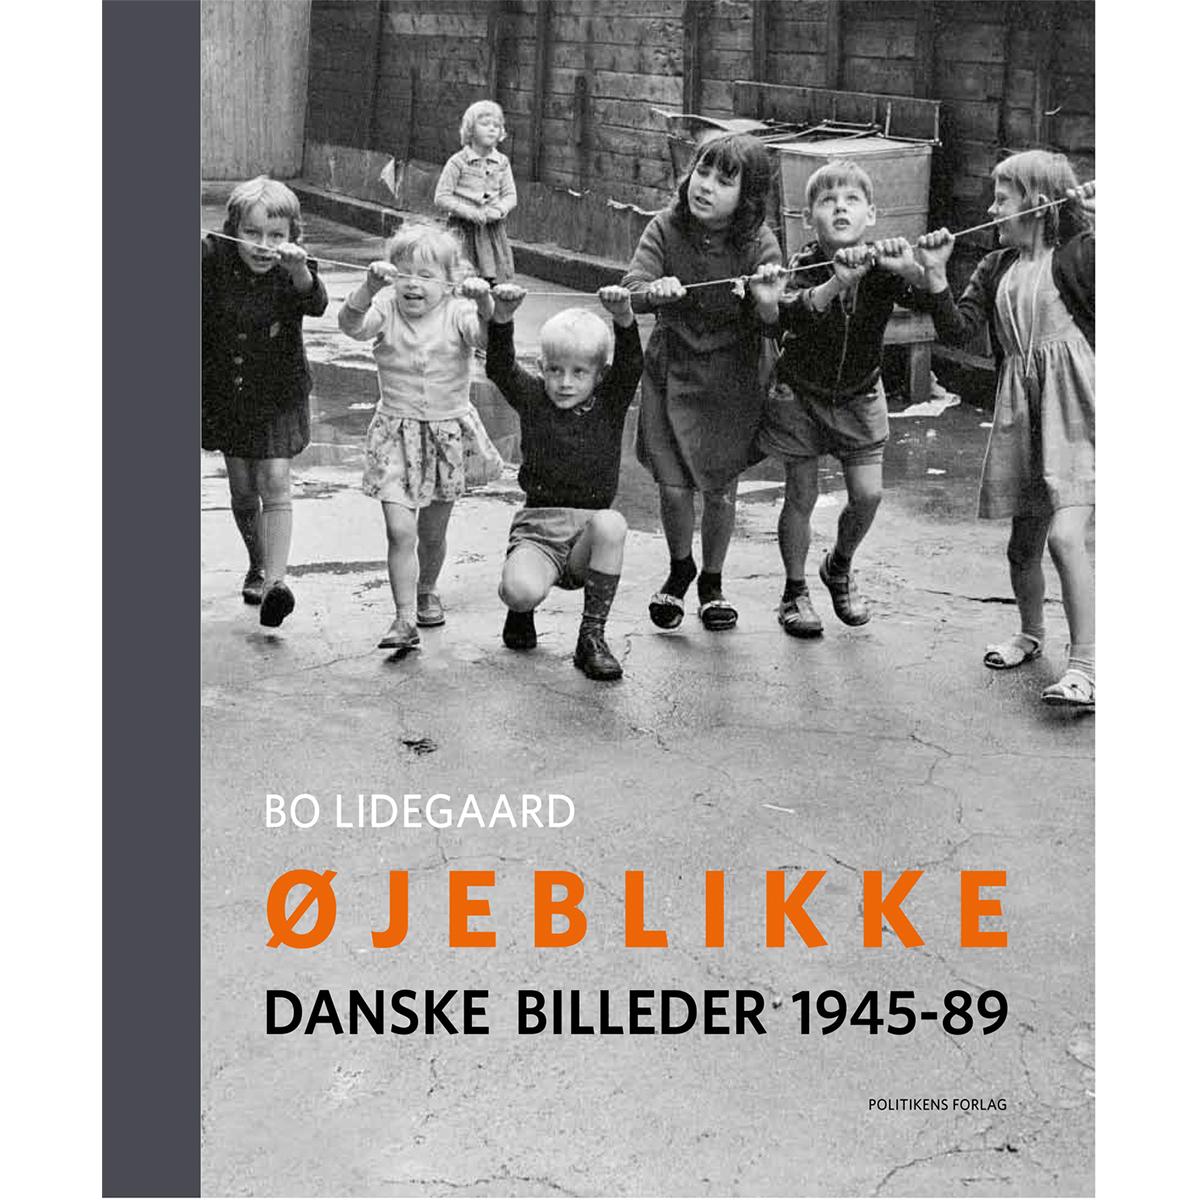 Billede af Øjeblikke - danske billeder 1945-89 - Indbundet